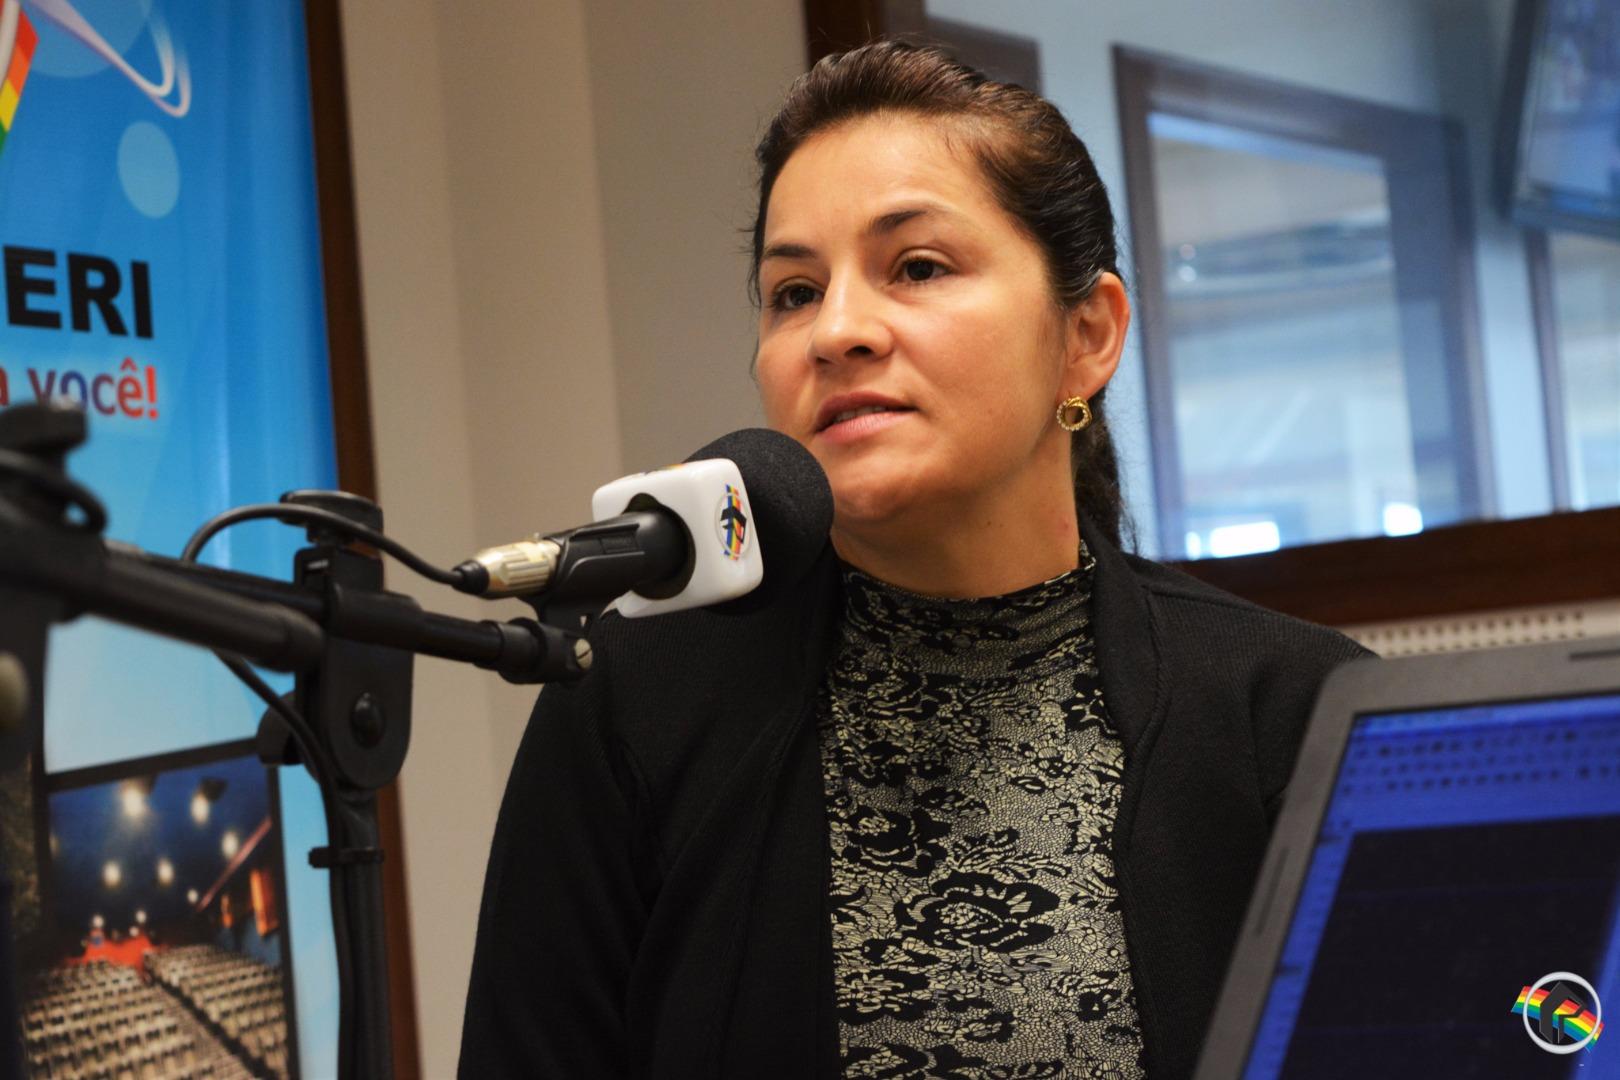 Peperi discute o acesso das mulheres às políticas de saúde pública